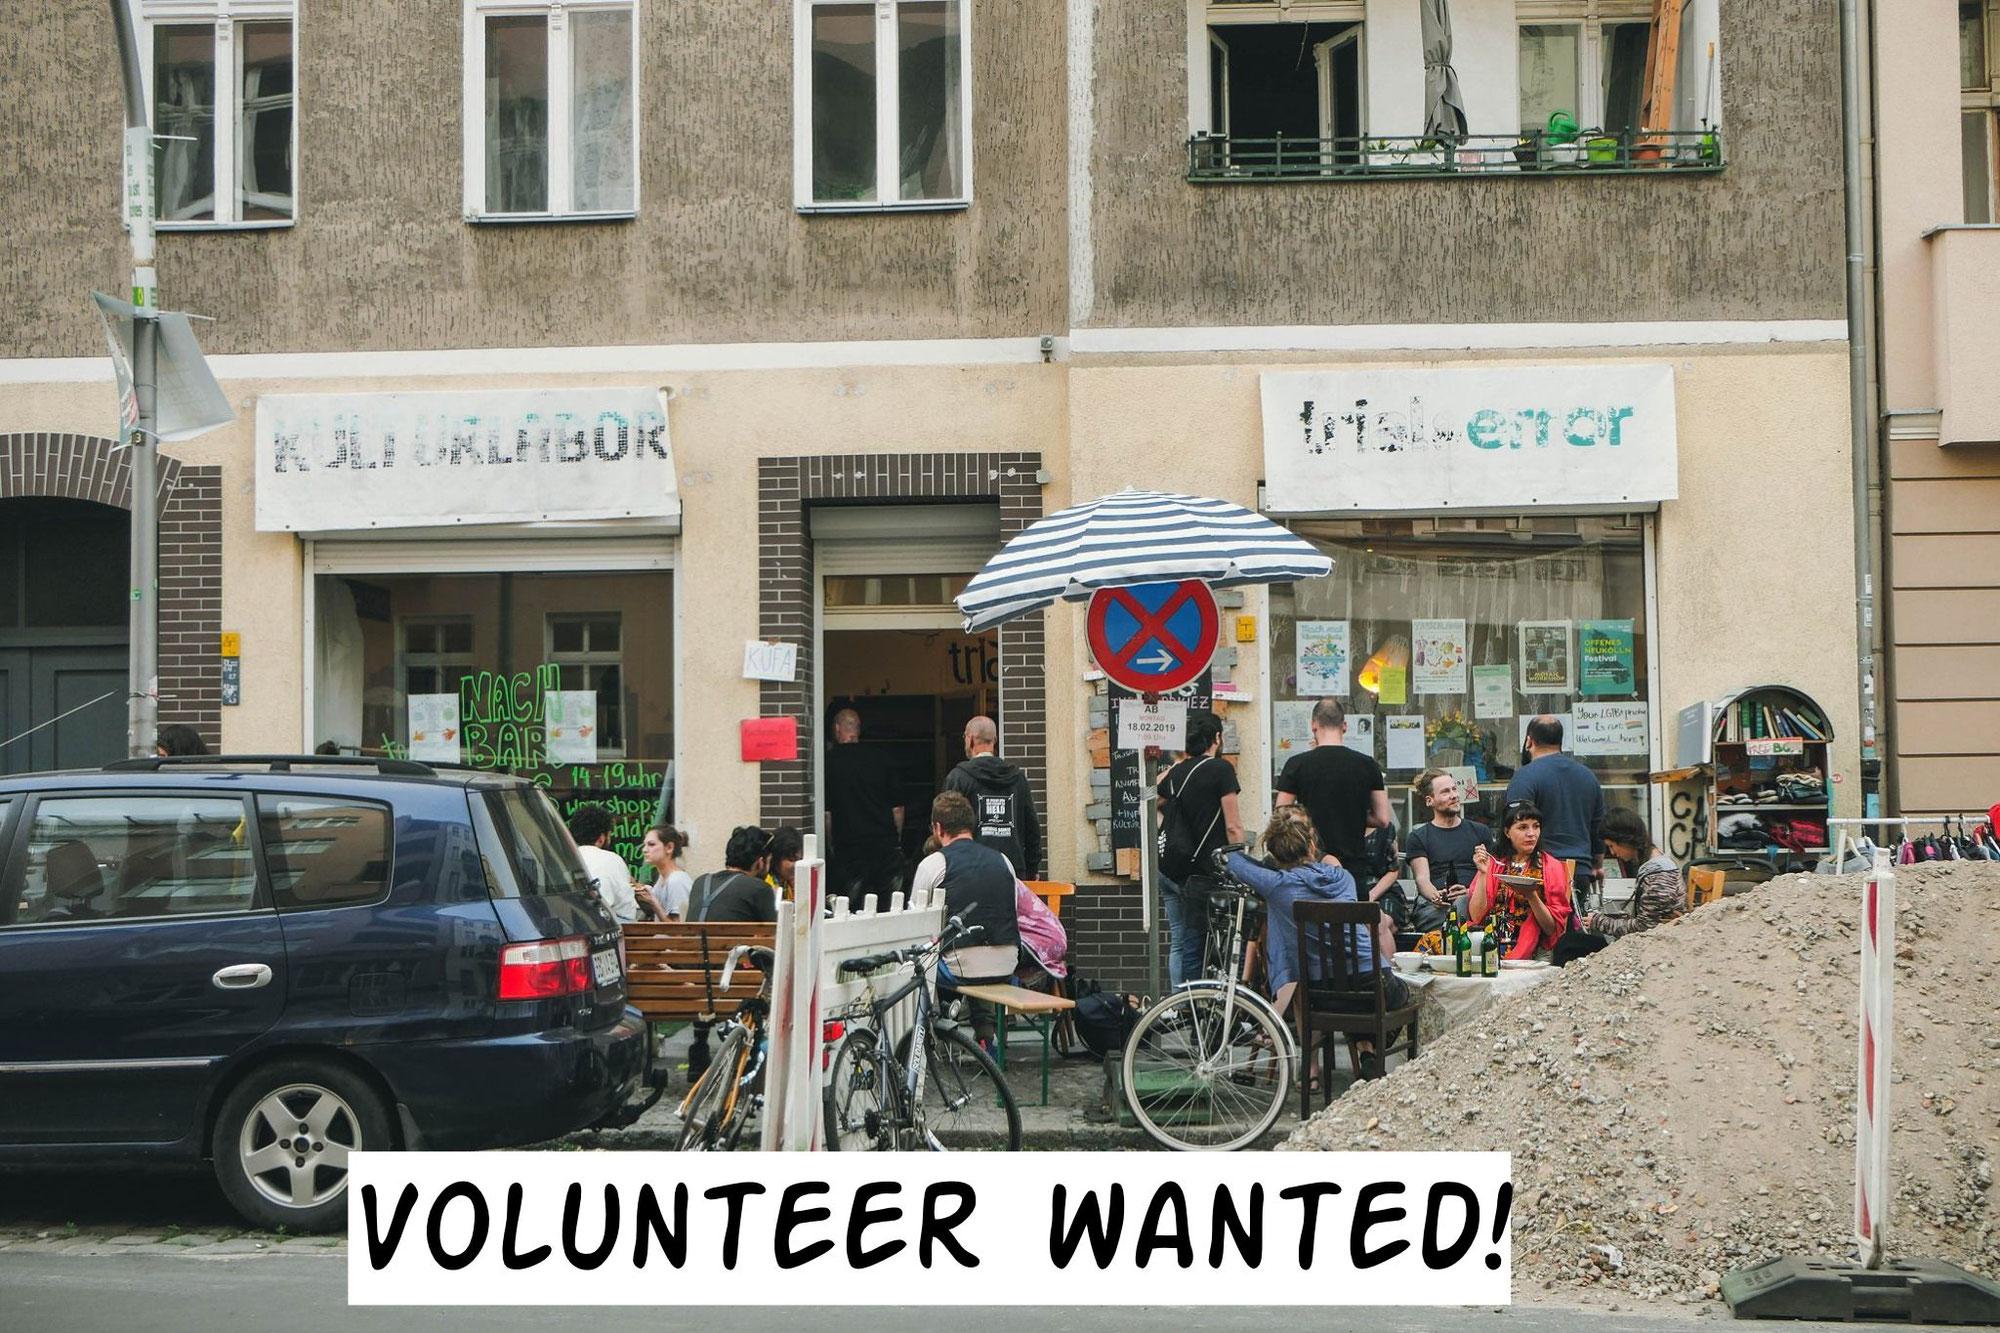 Volunteer wanted!